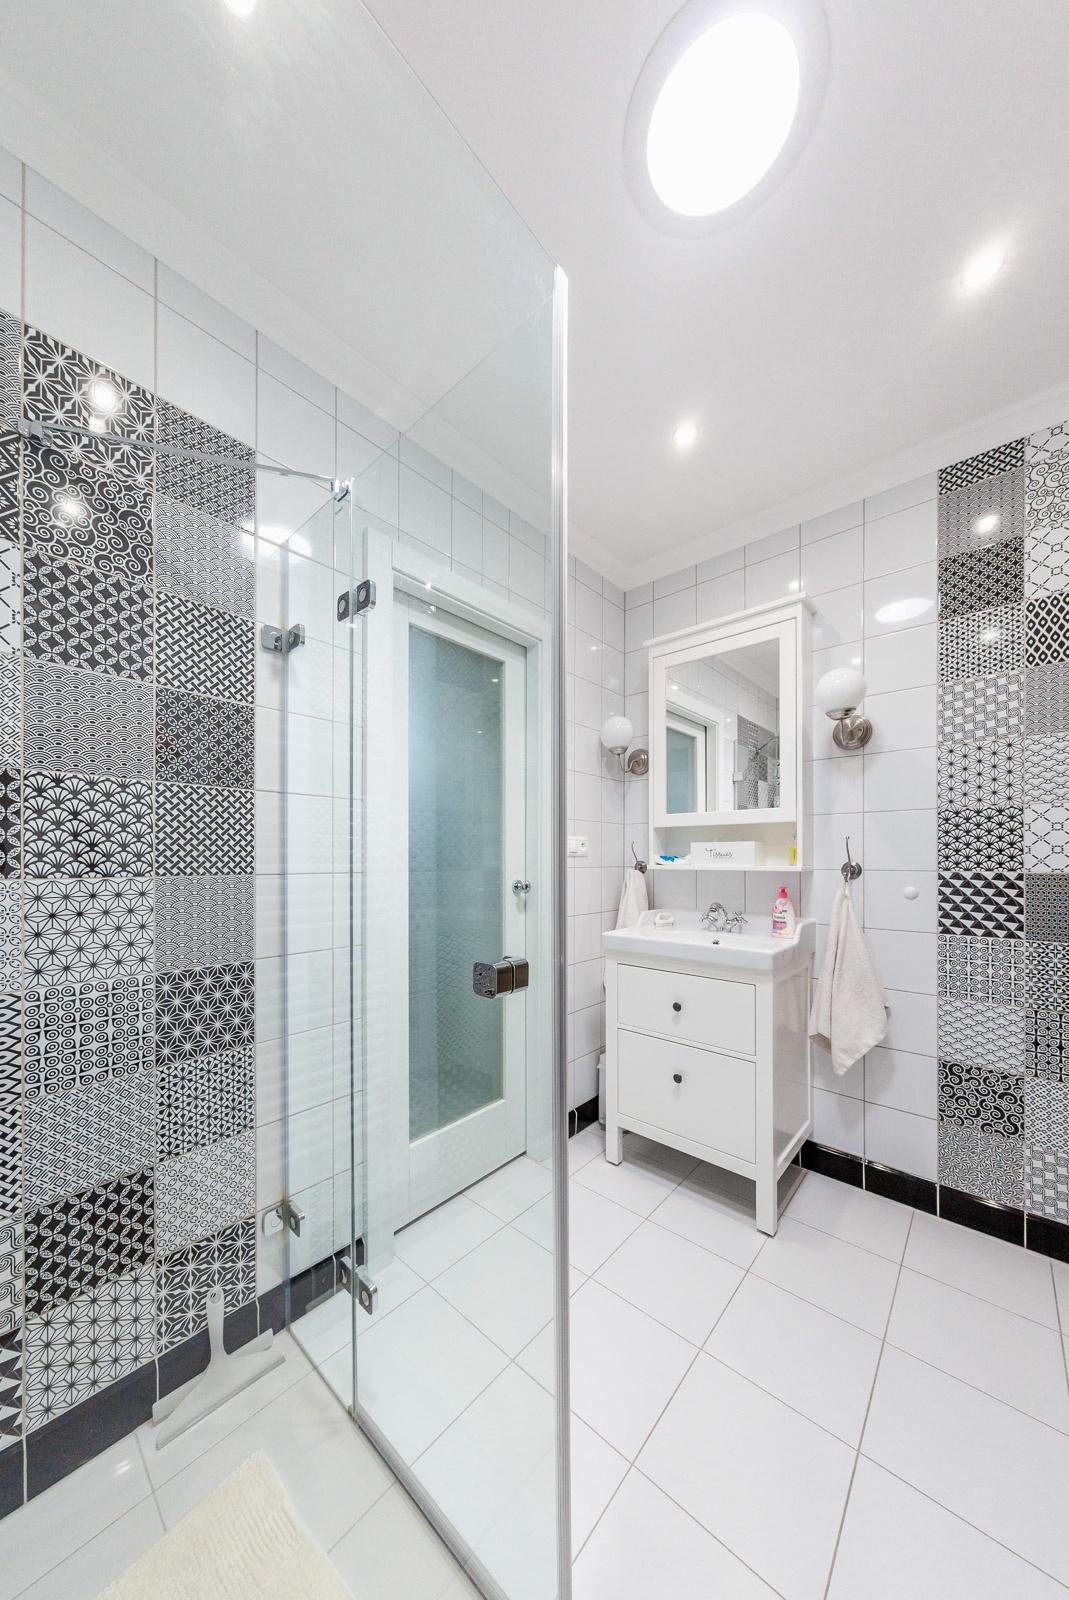 Pôvodne tmavú kúpeľňu presvetľuje svetlovod. Ten zároveň pomáha šetriť energiu, keďže cez deň netreba svietiť umelým svetlom.